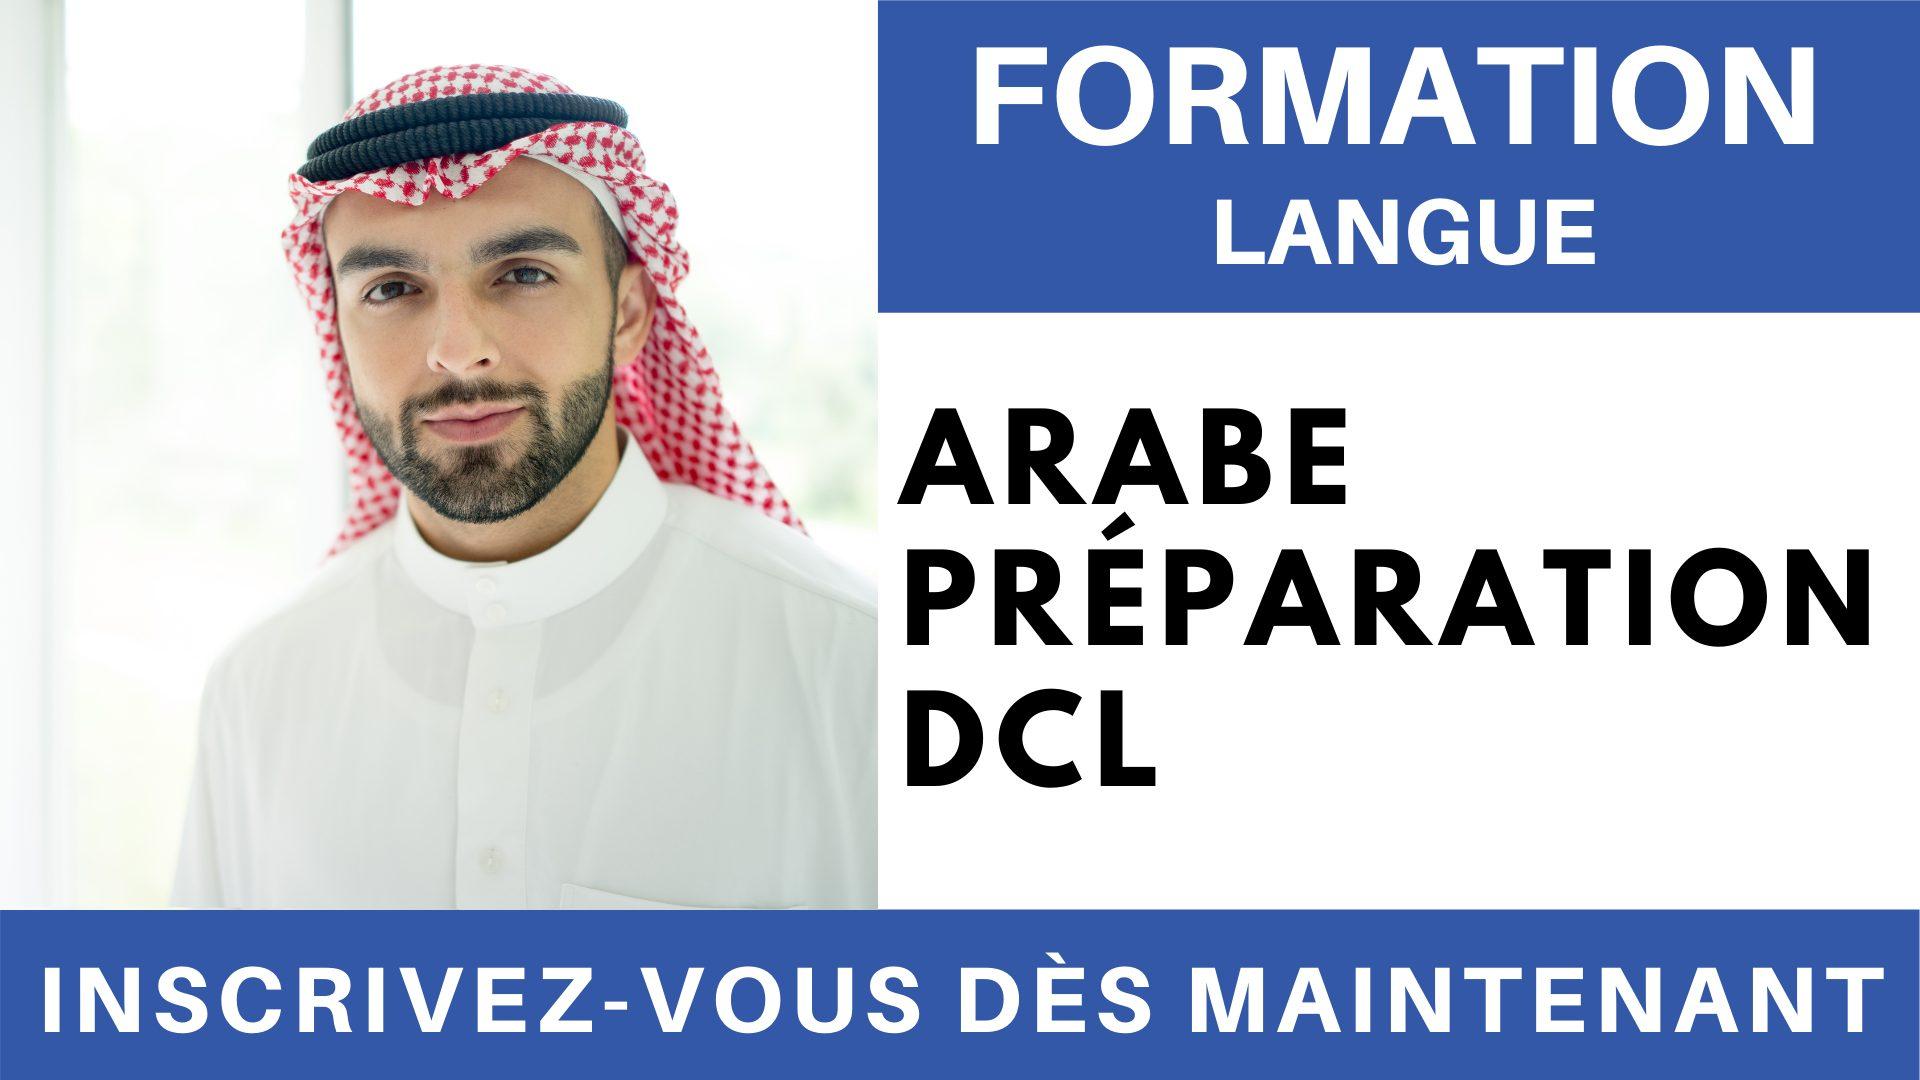 Formation Langue - Arabe Préparation DCL